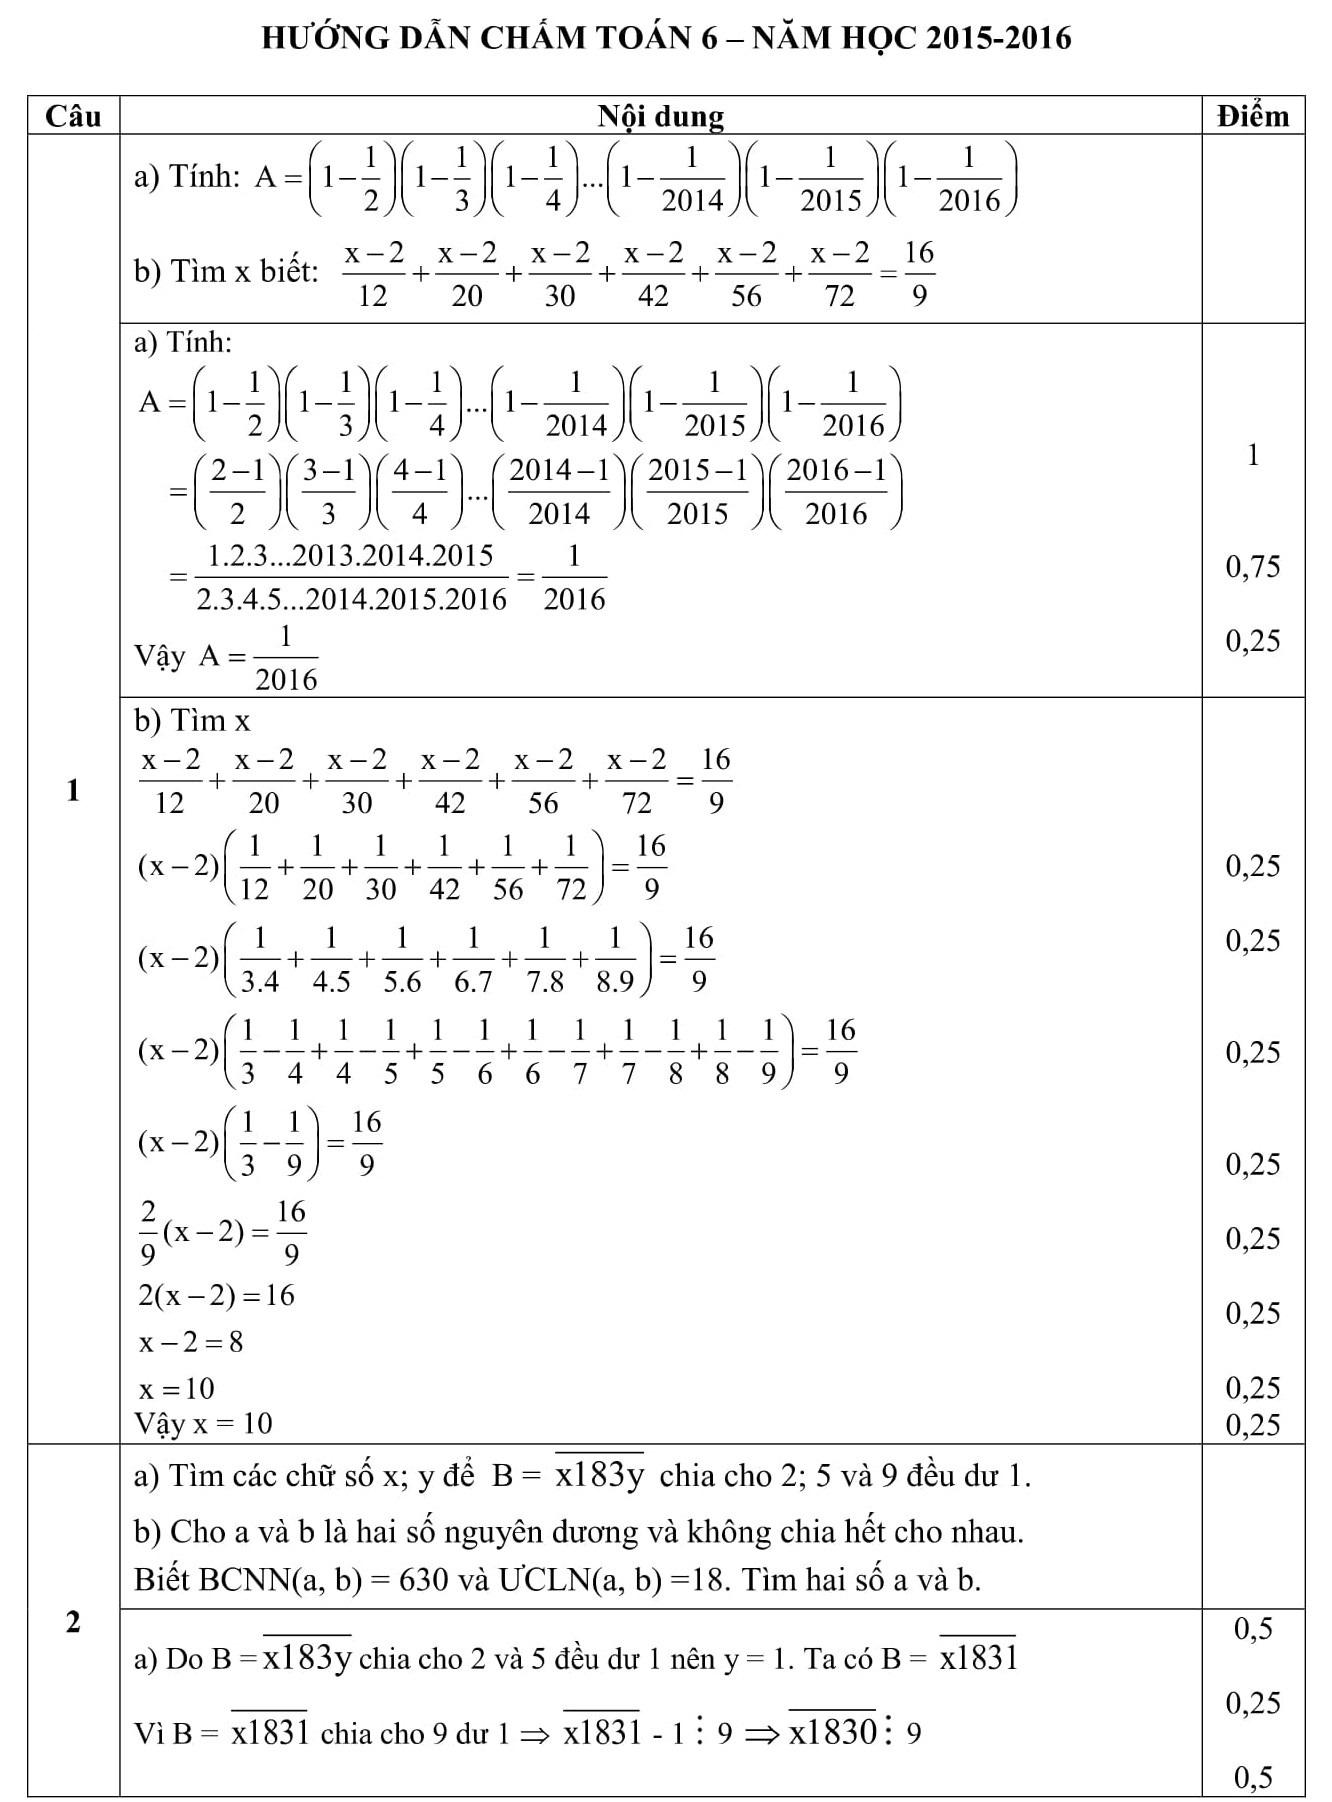 Đáp án và đề thi HSG toán 6 phòng GD&ĐT Thiệu Hóa 2015-2016